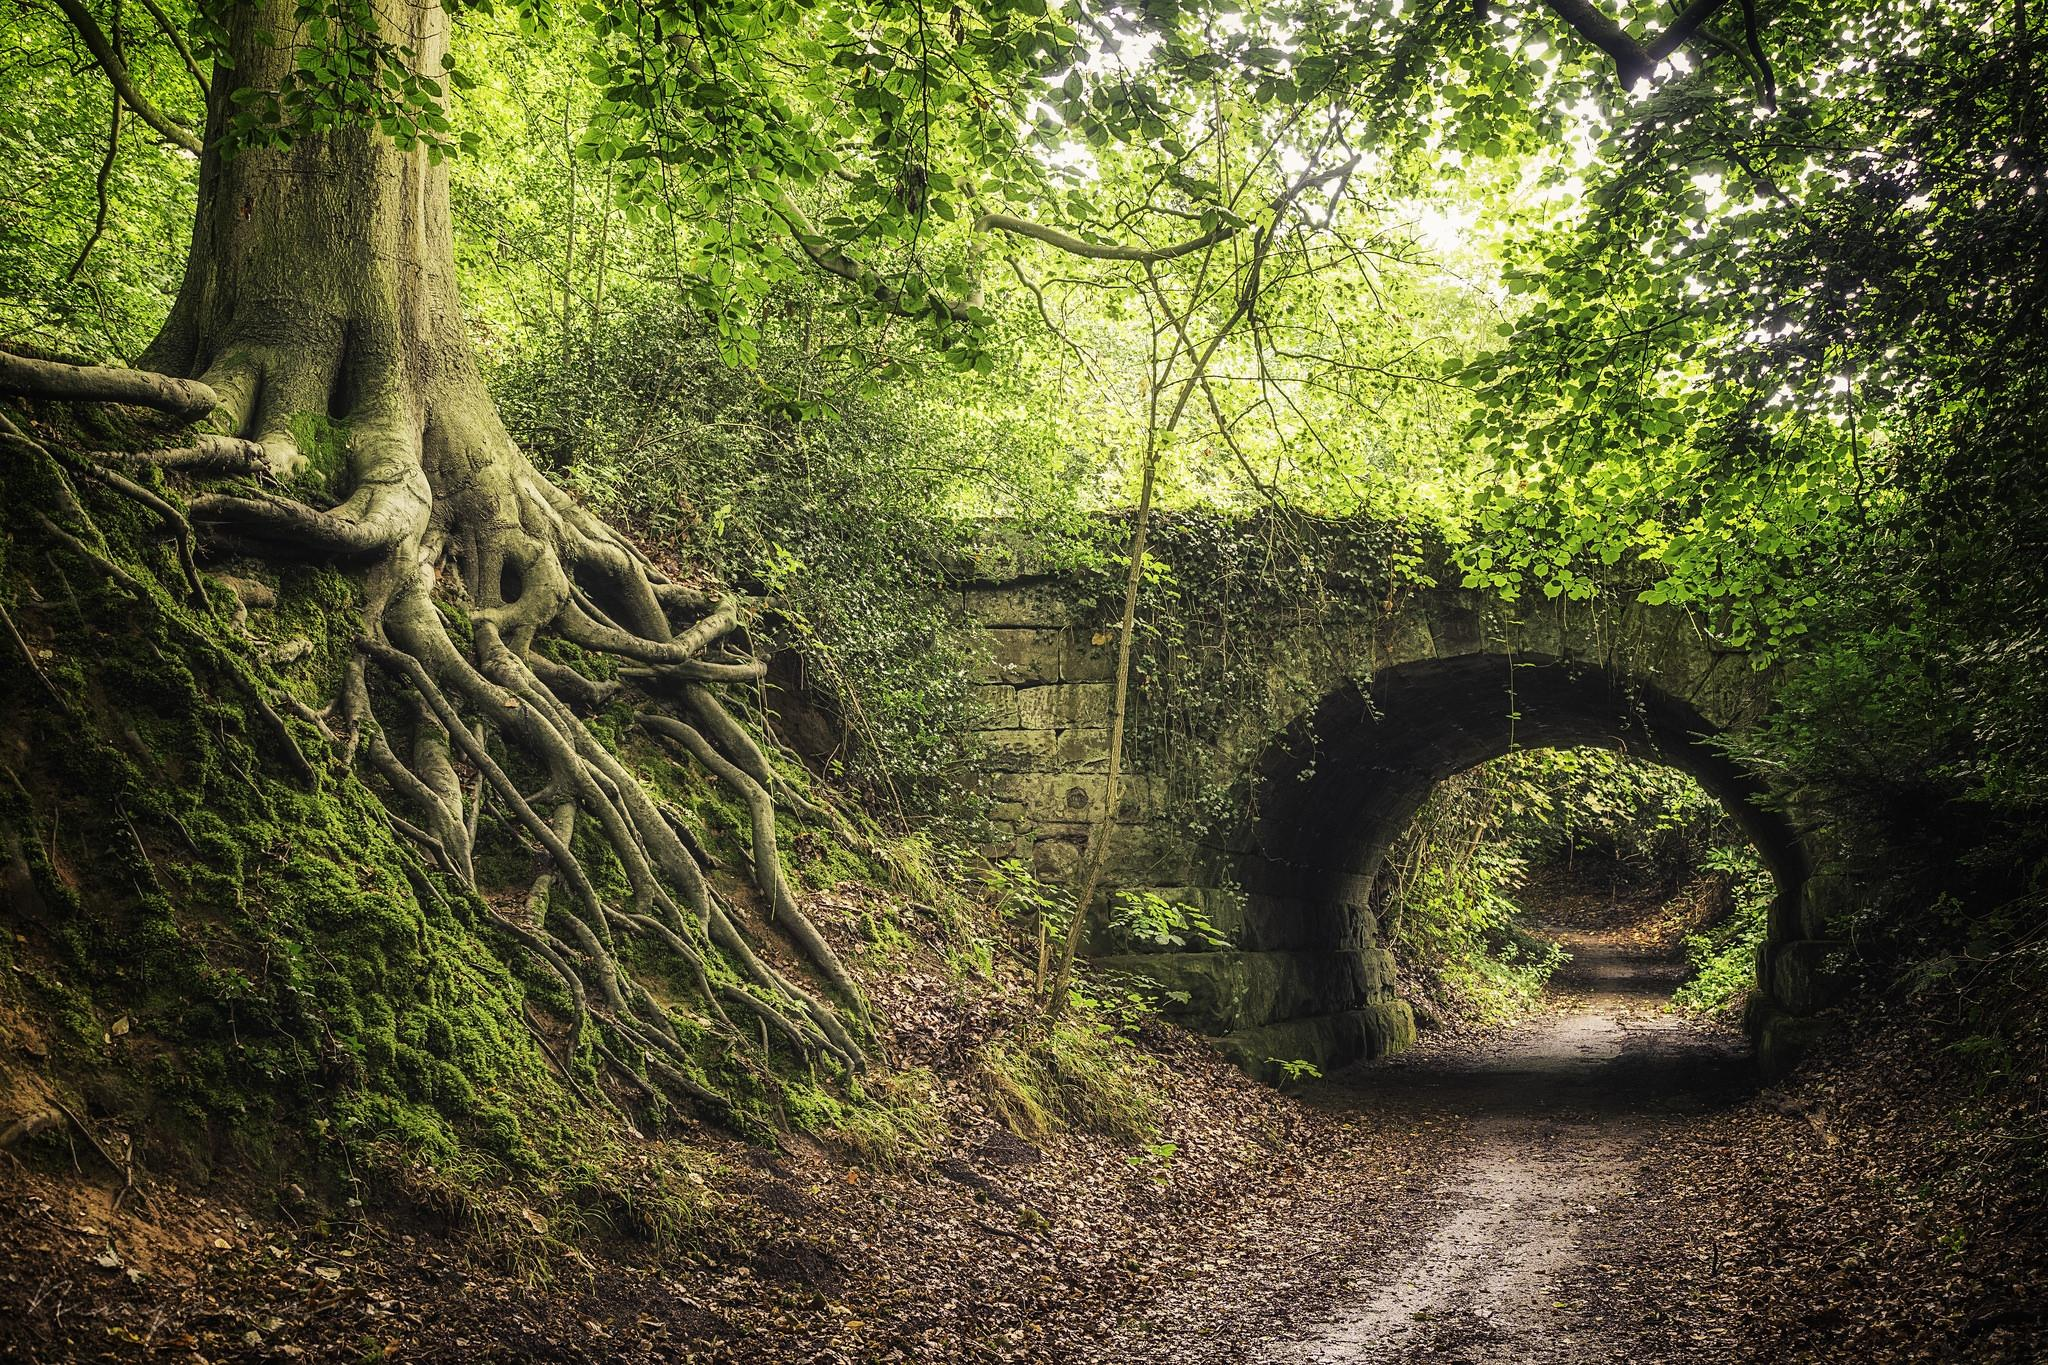 обои лес, деревья, дорога, мост картинки фото